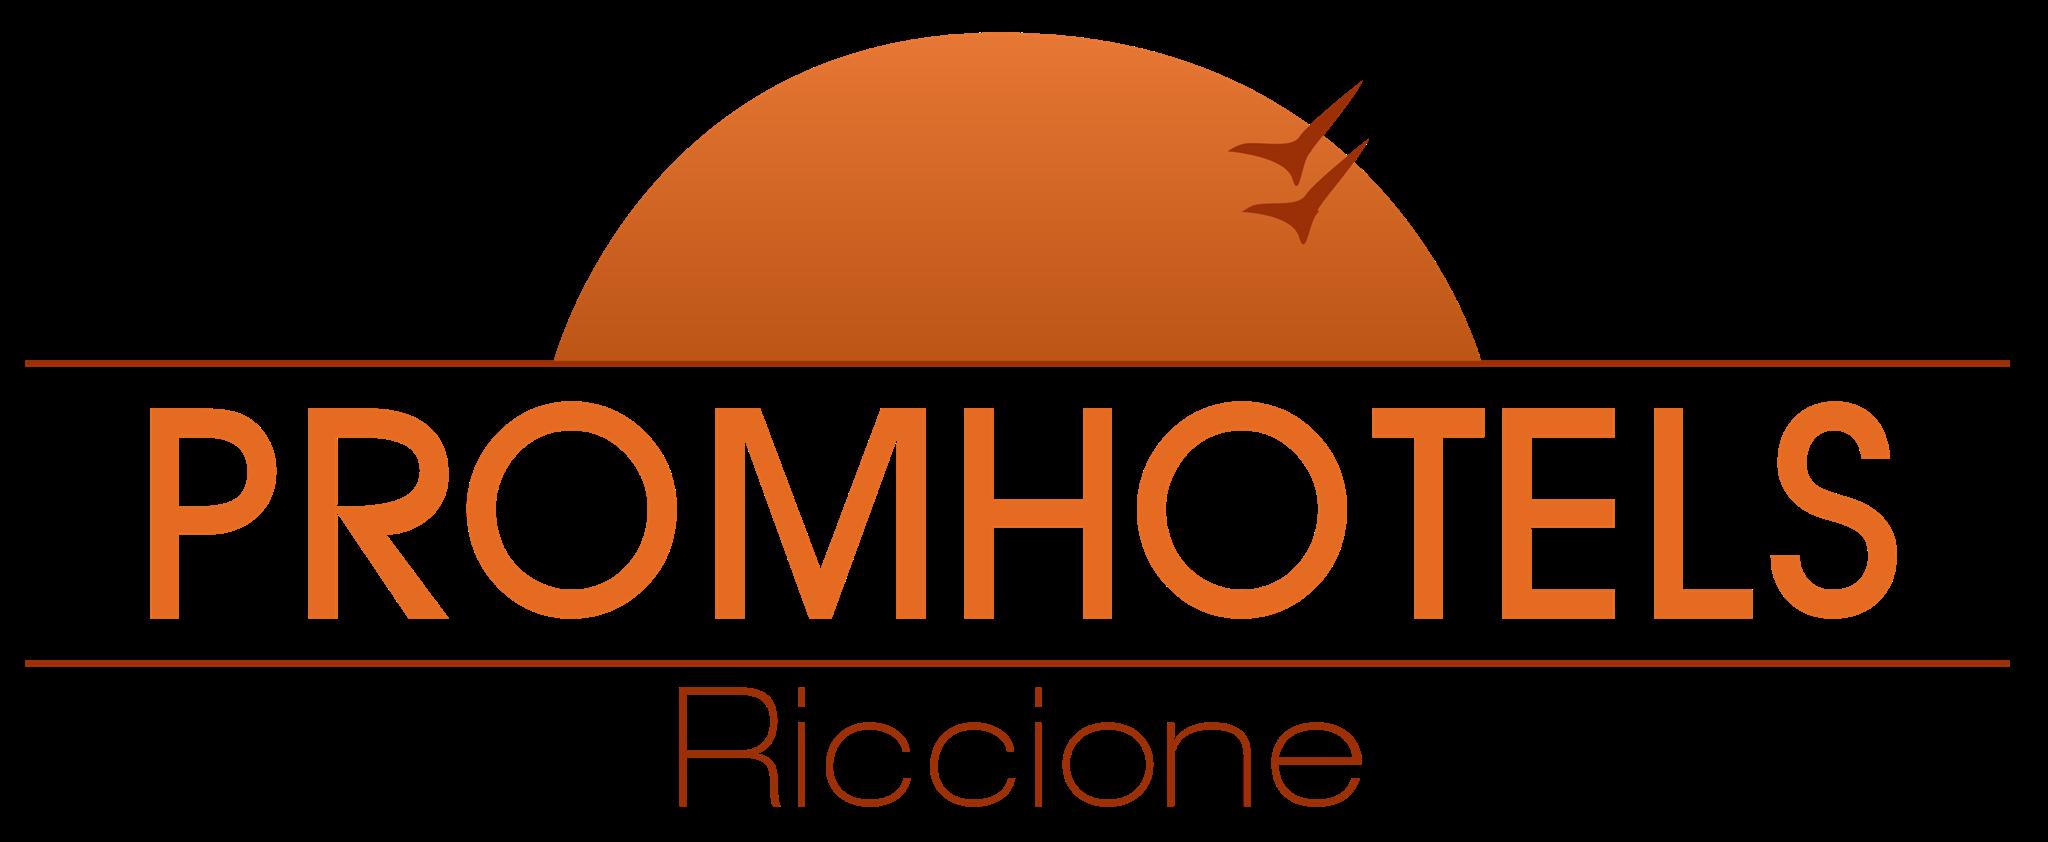 Promhotels Riccione